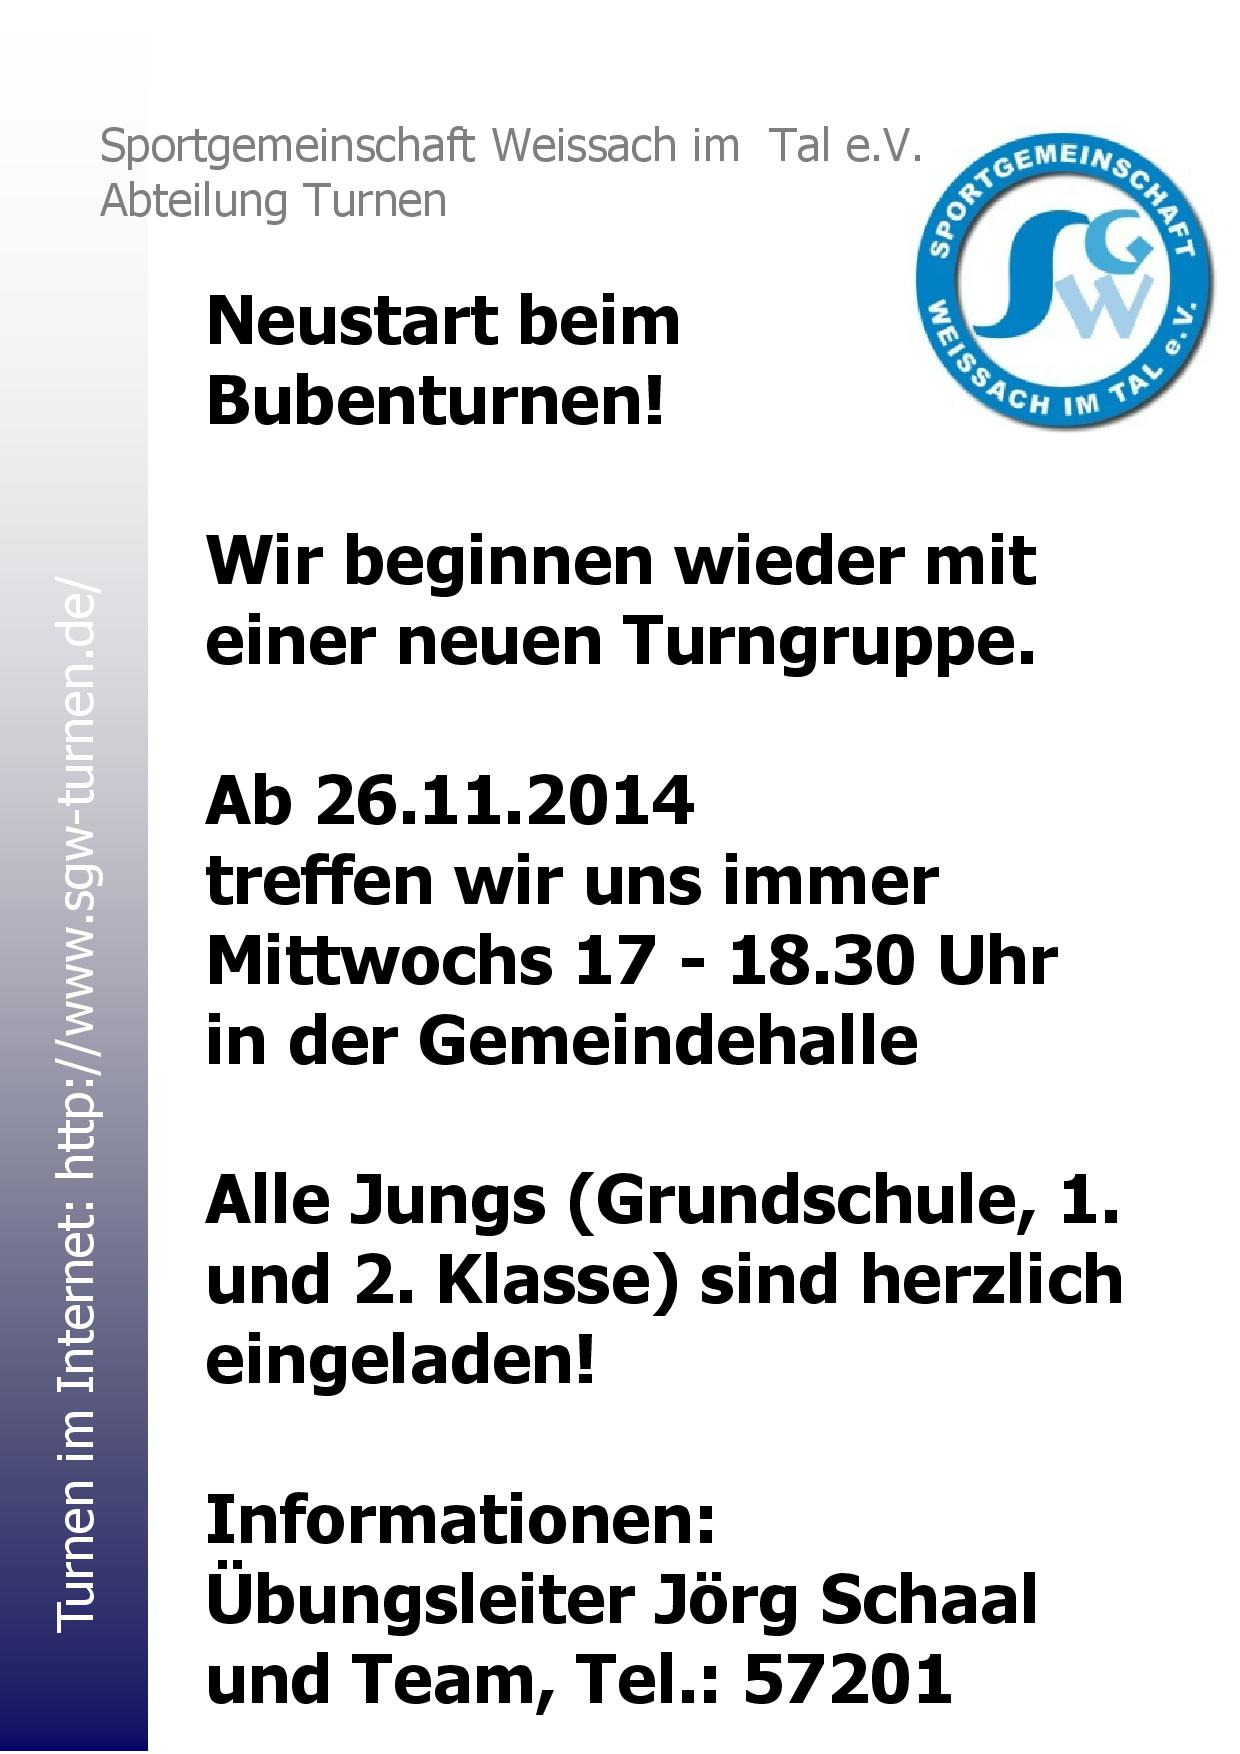 sgw_rahmen_Ankündigung Bubenturnen Herbst 2014-001